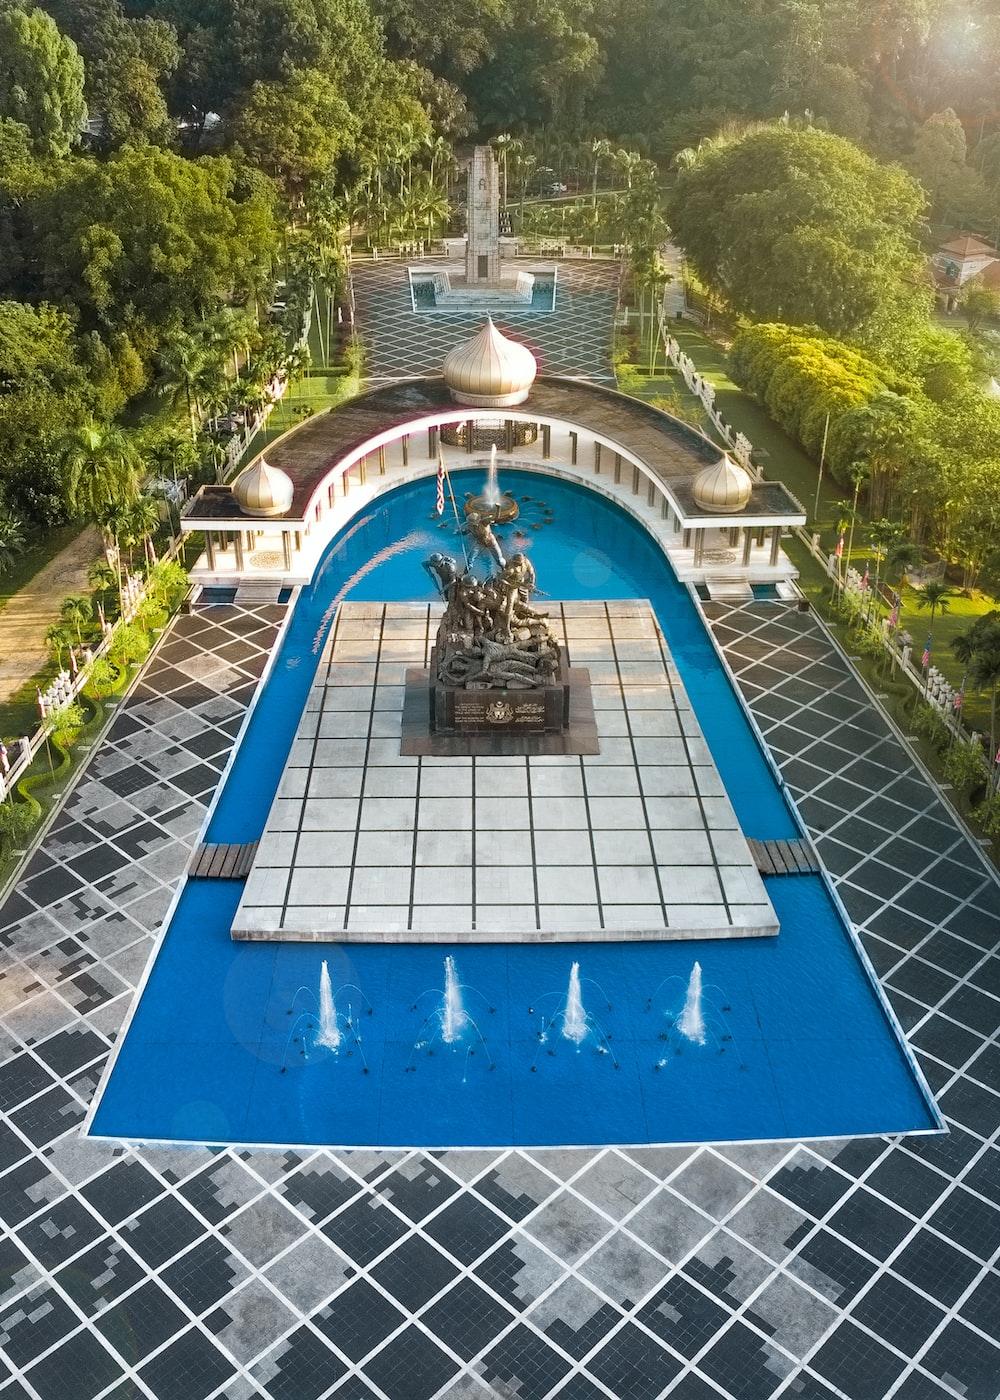 blue and white concrete fountain